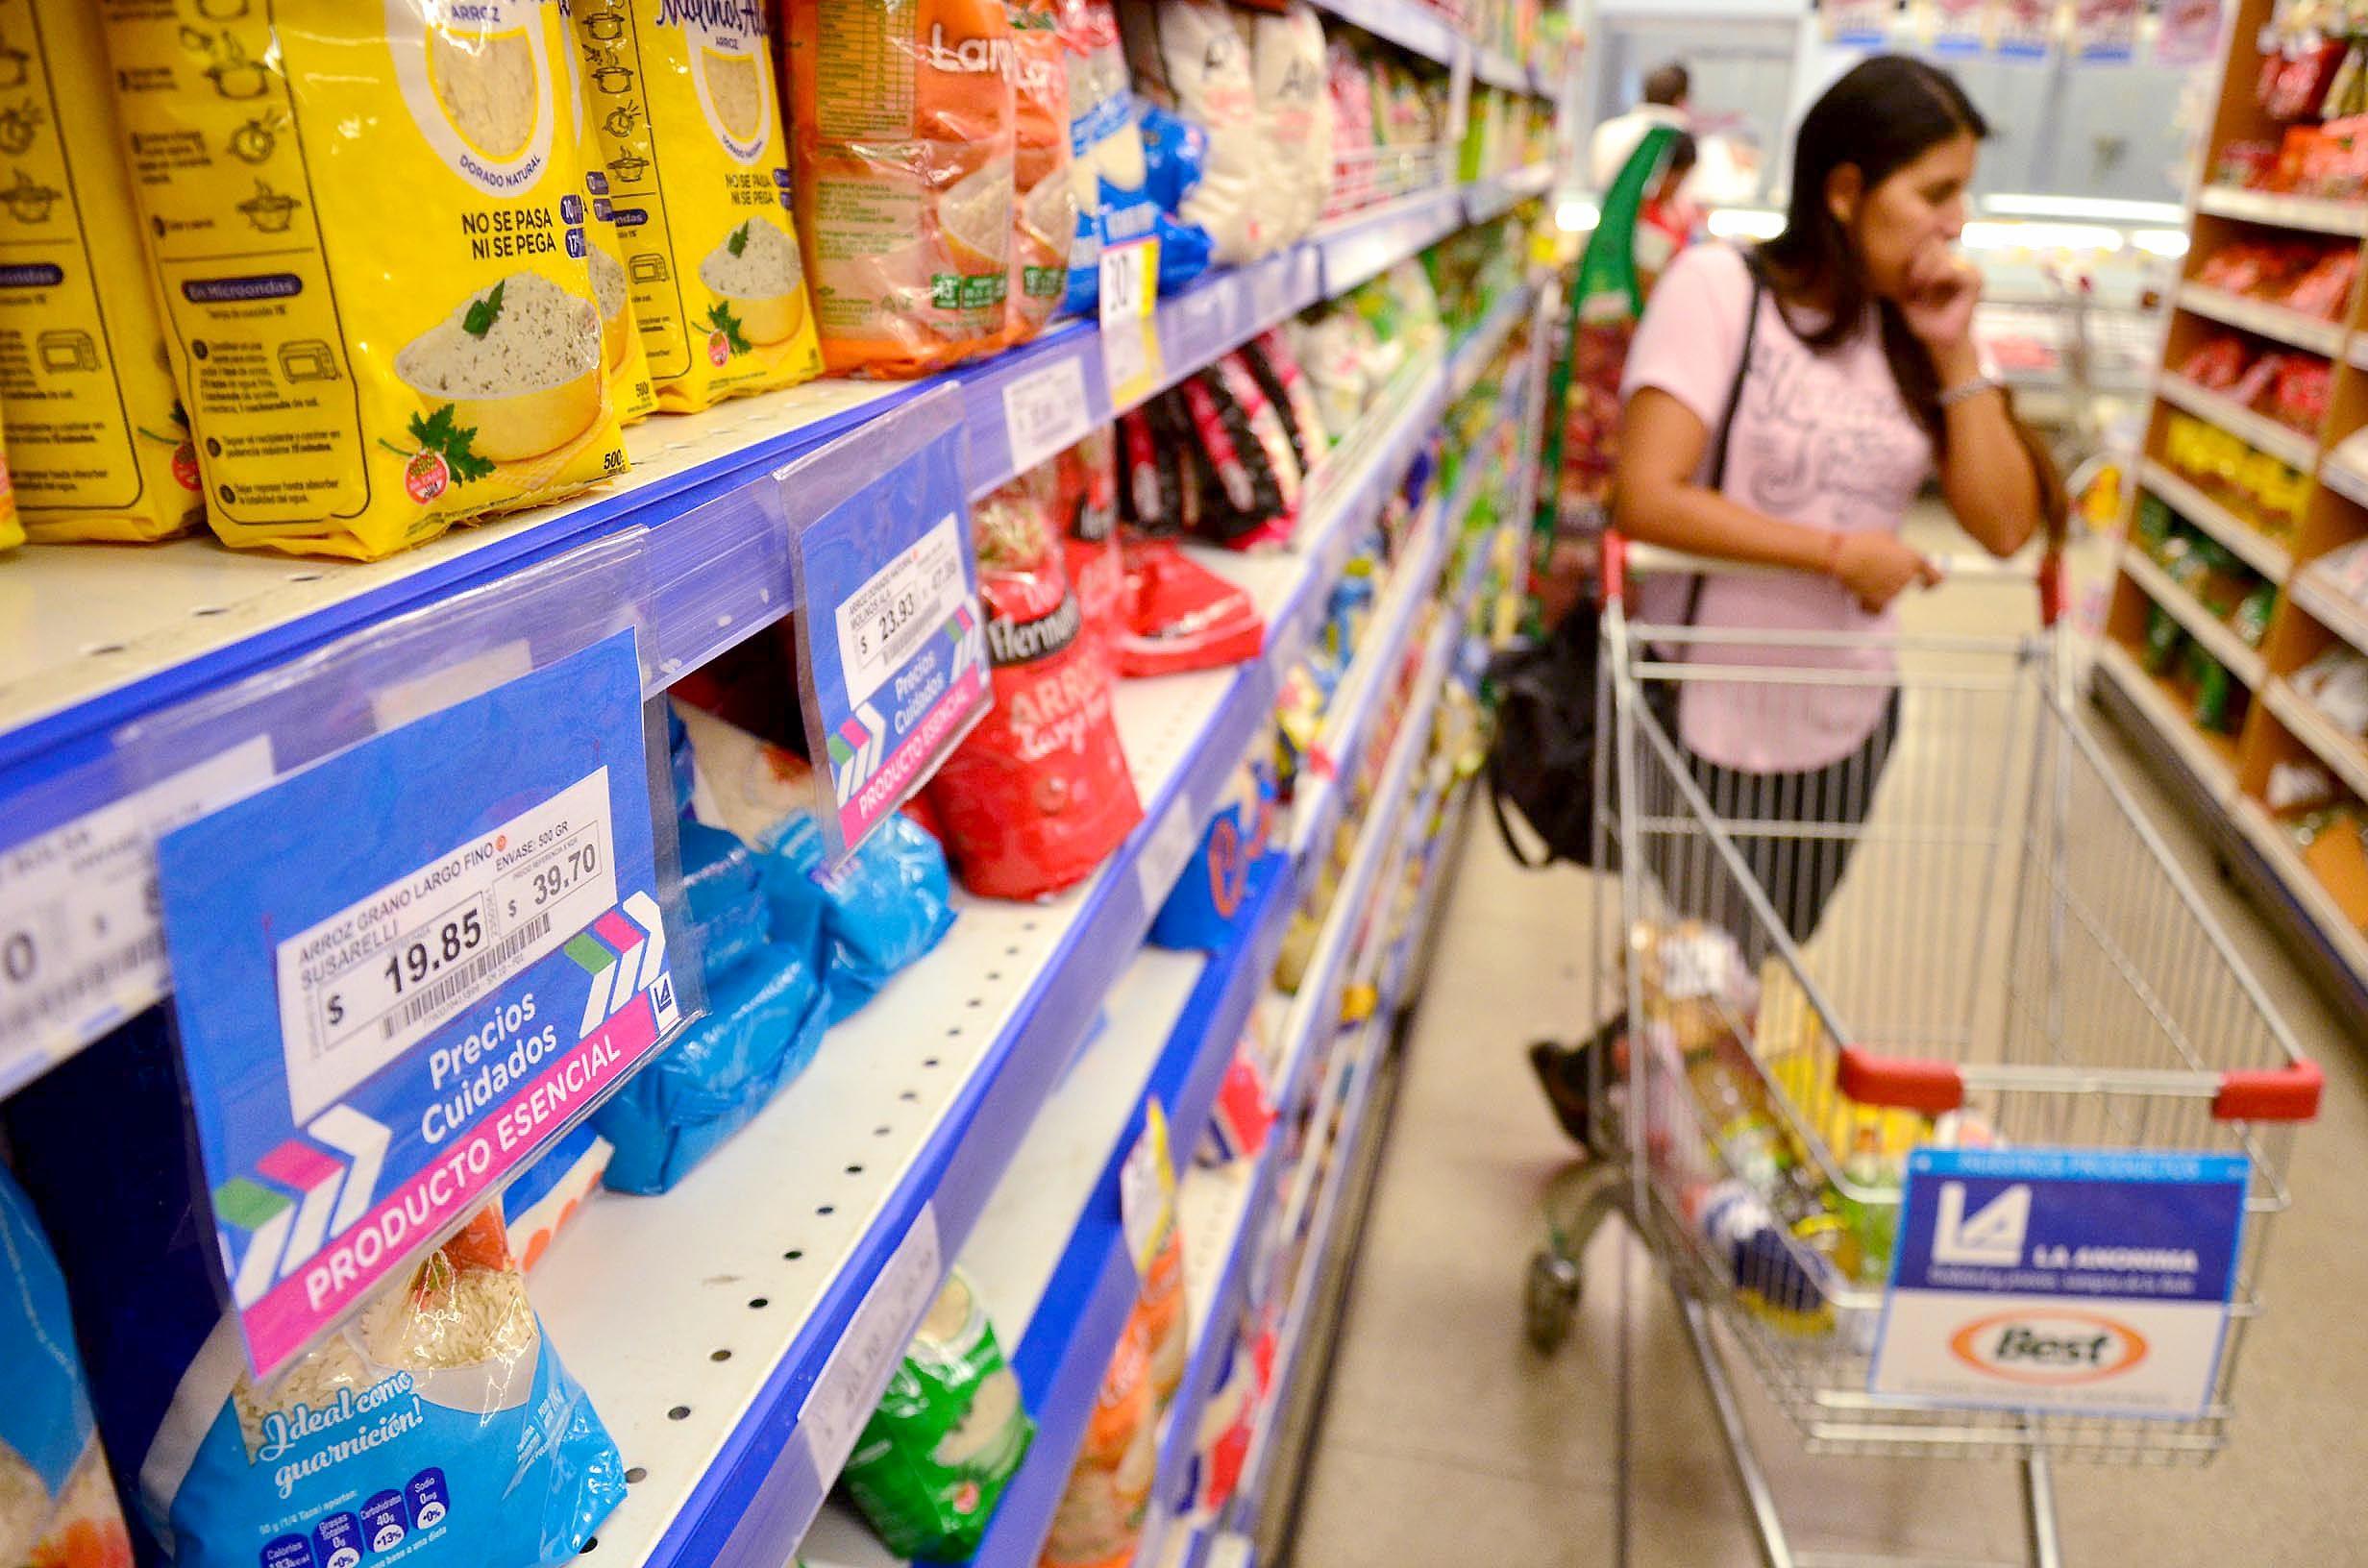 Precios Cuidados: el Gobierno explicó por qué se incluyeron bebidas alcohólicas en el listado